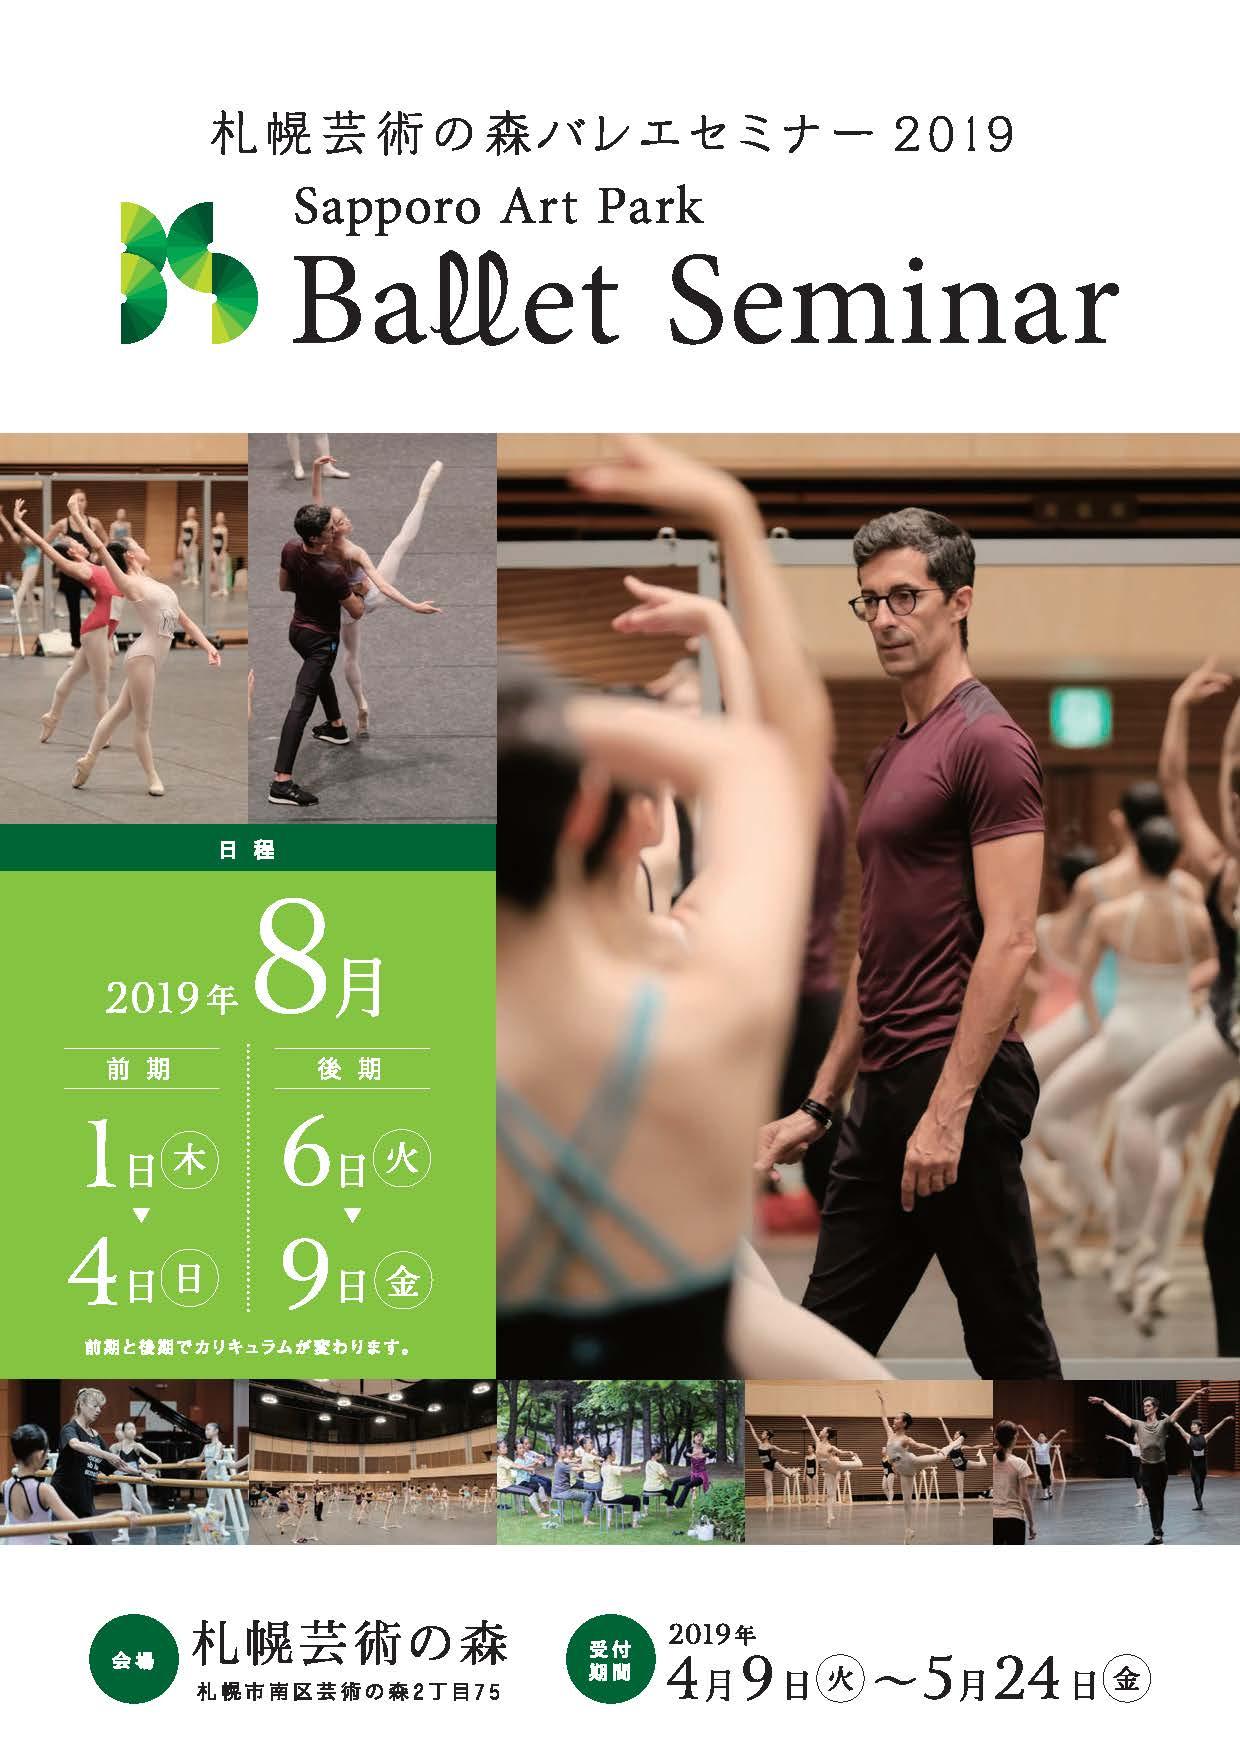 札幌芸術の森バレエセミナー2019 一般の方申込受付中!